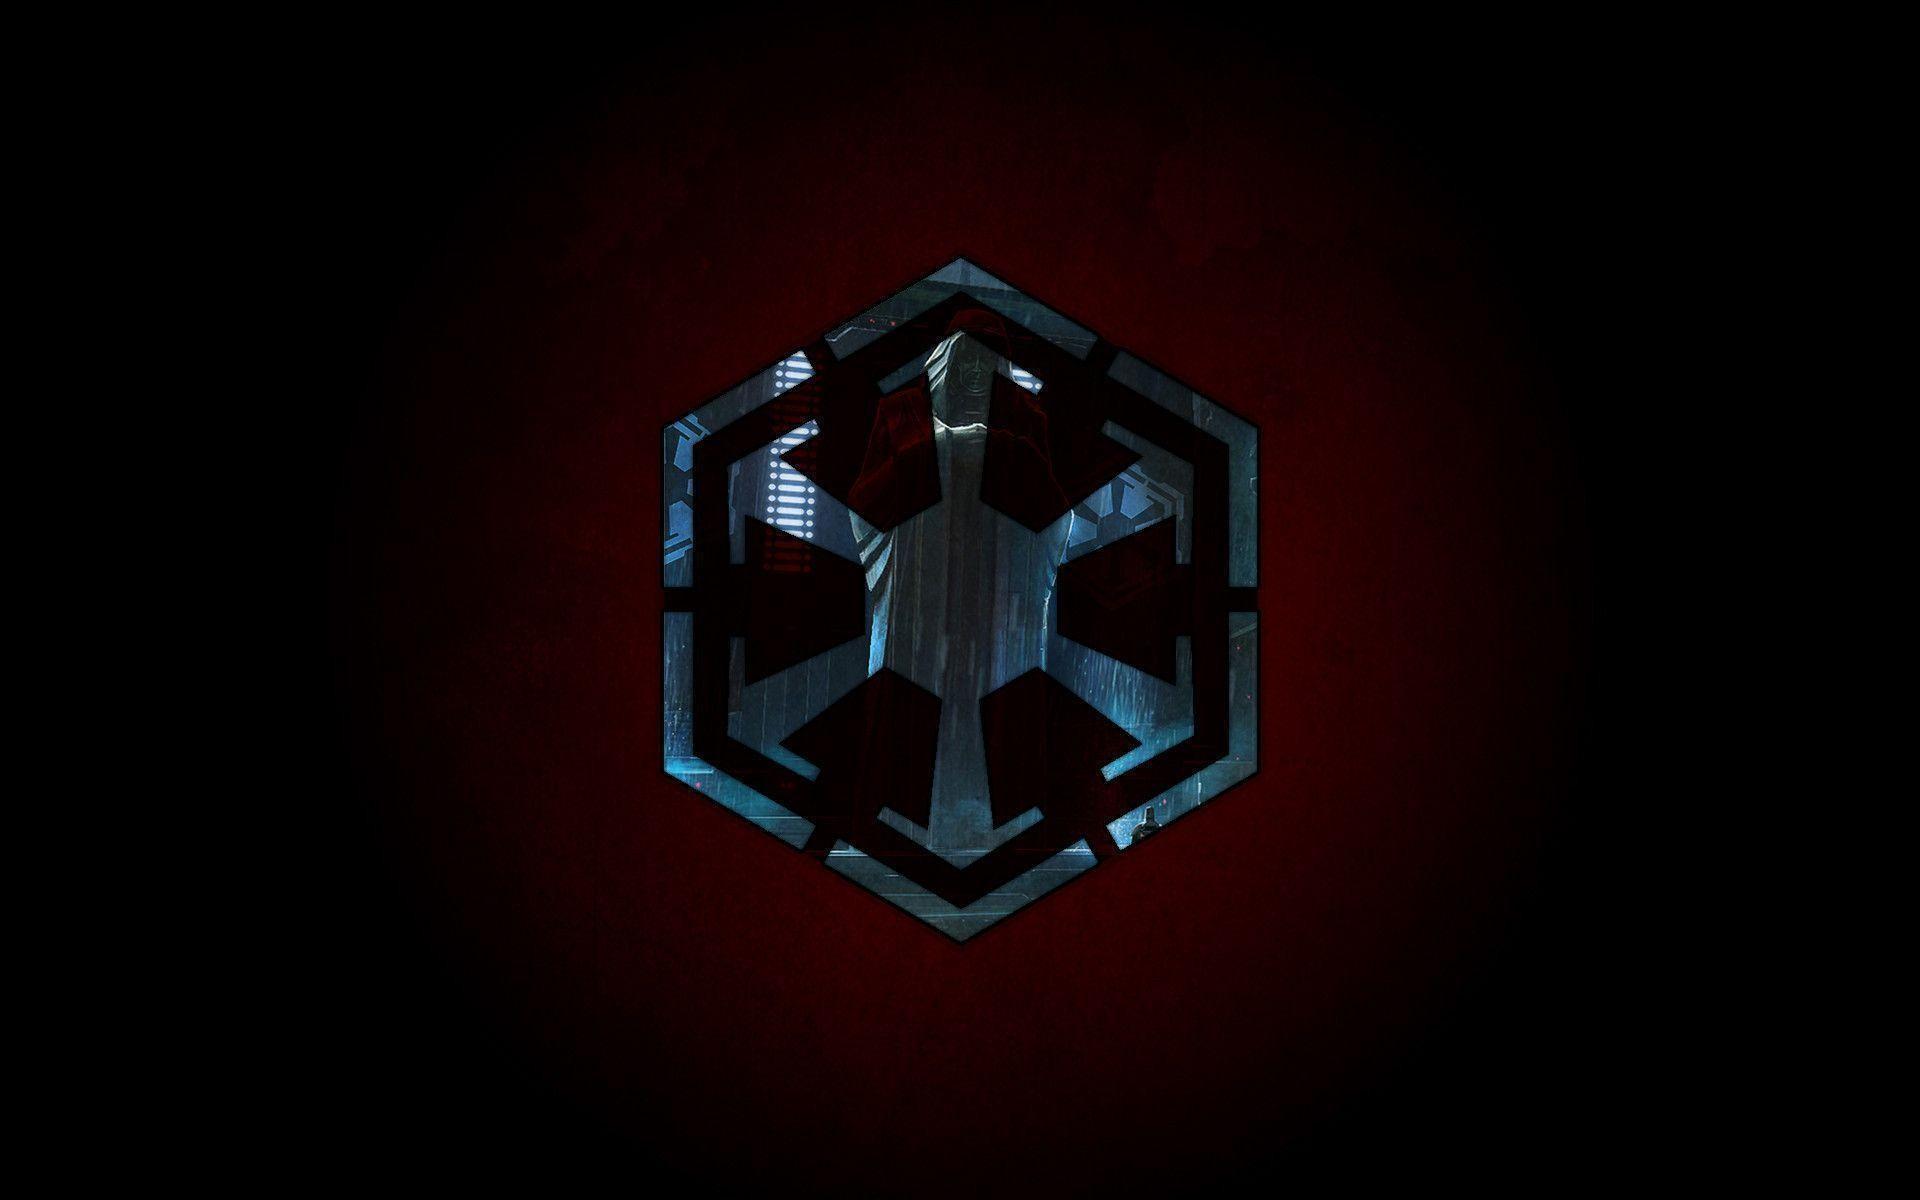 Sith Wallpaper 1080p – WallpaperSafari